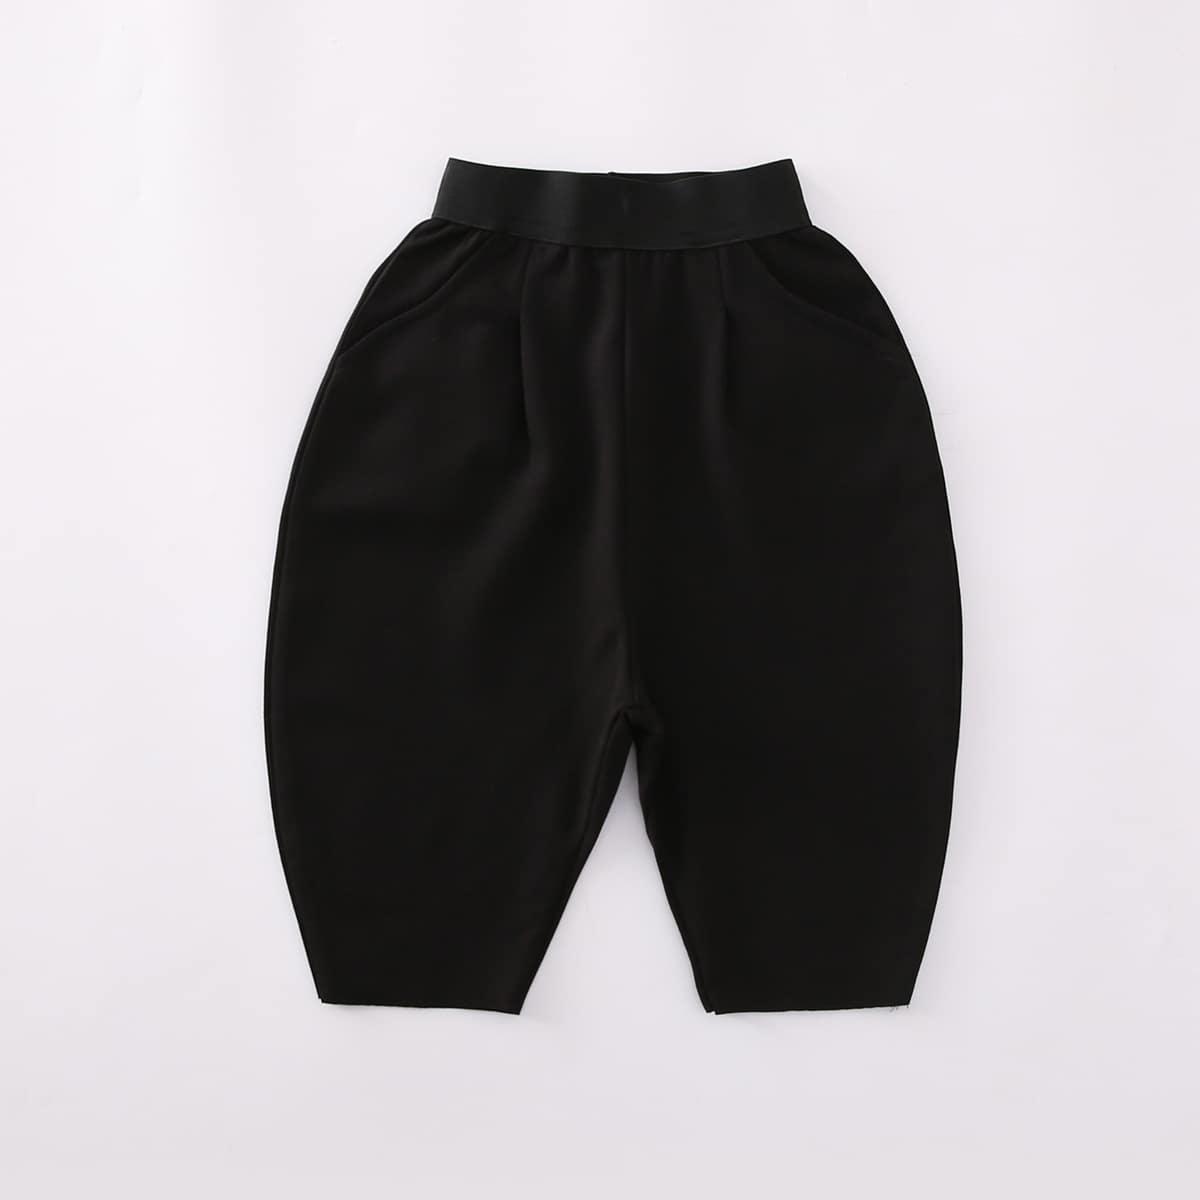 Черный Одноцветный Повседневный Шорты для мальчиков от SHEIN